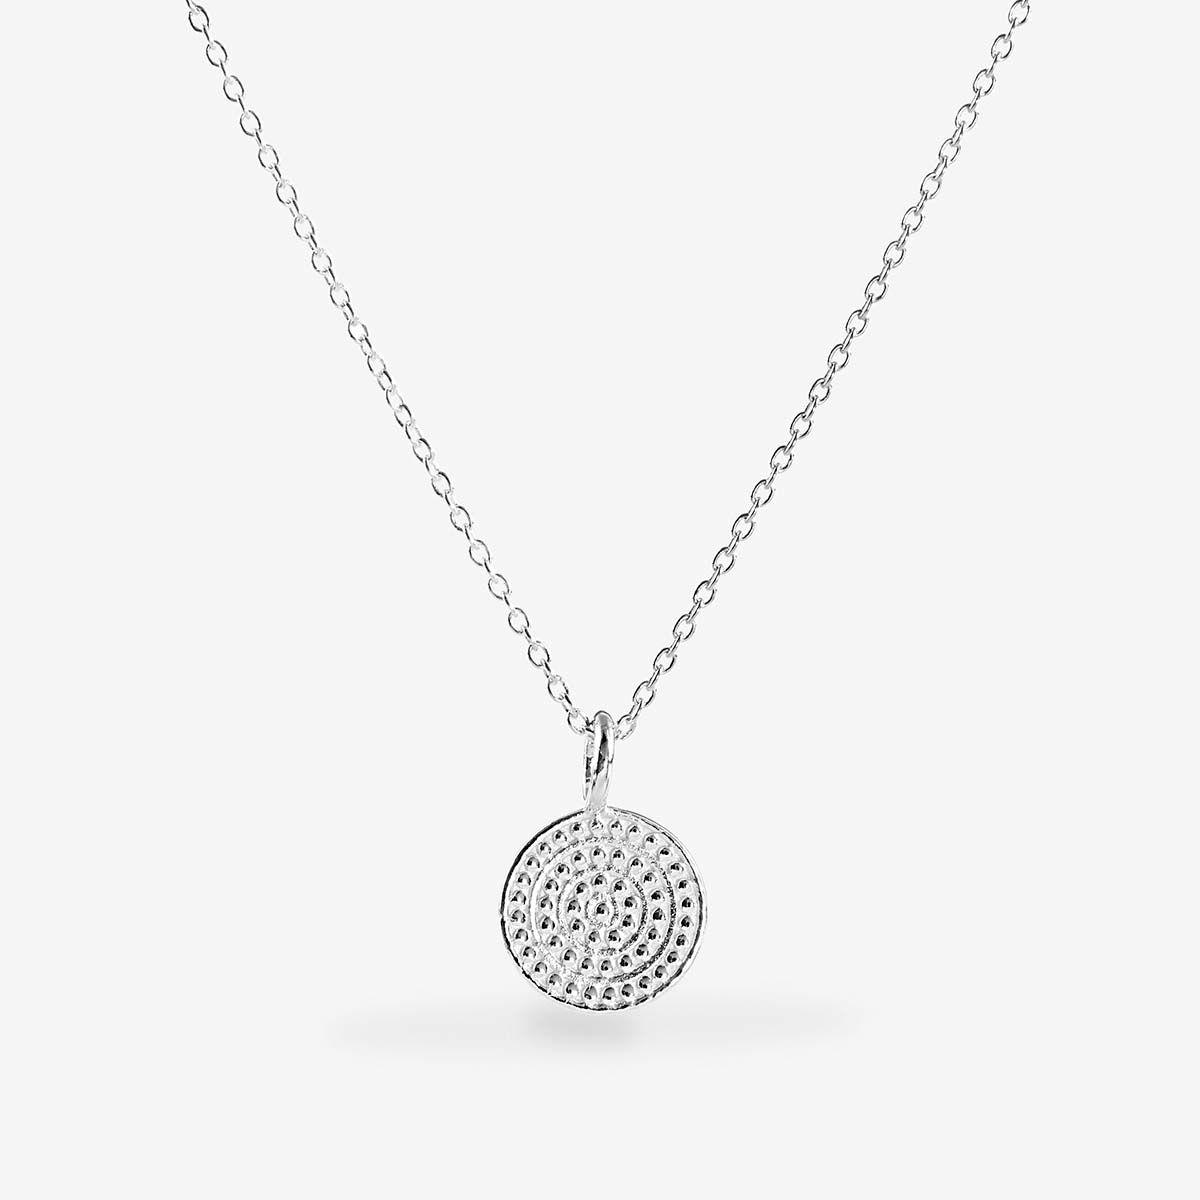 Coin necklace - Halsketten - Silber